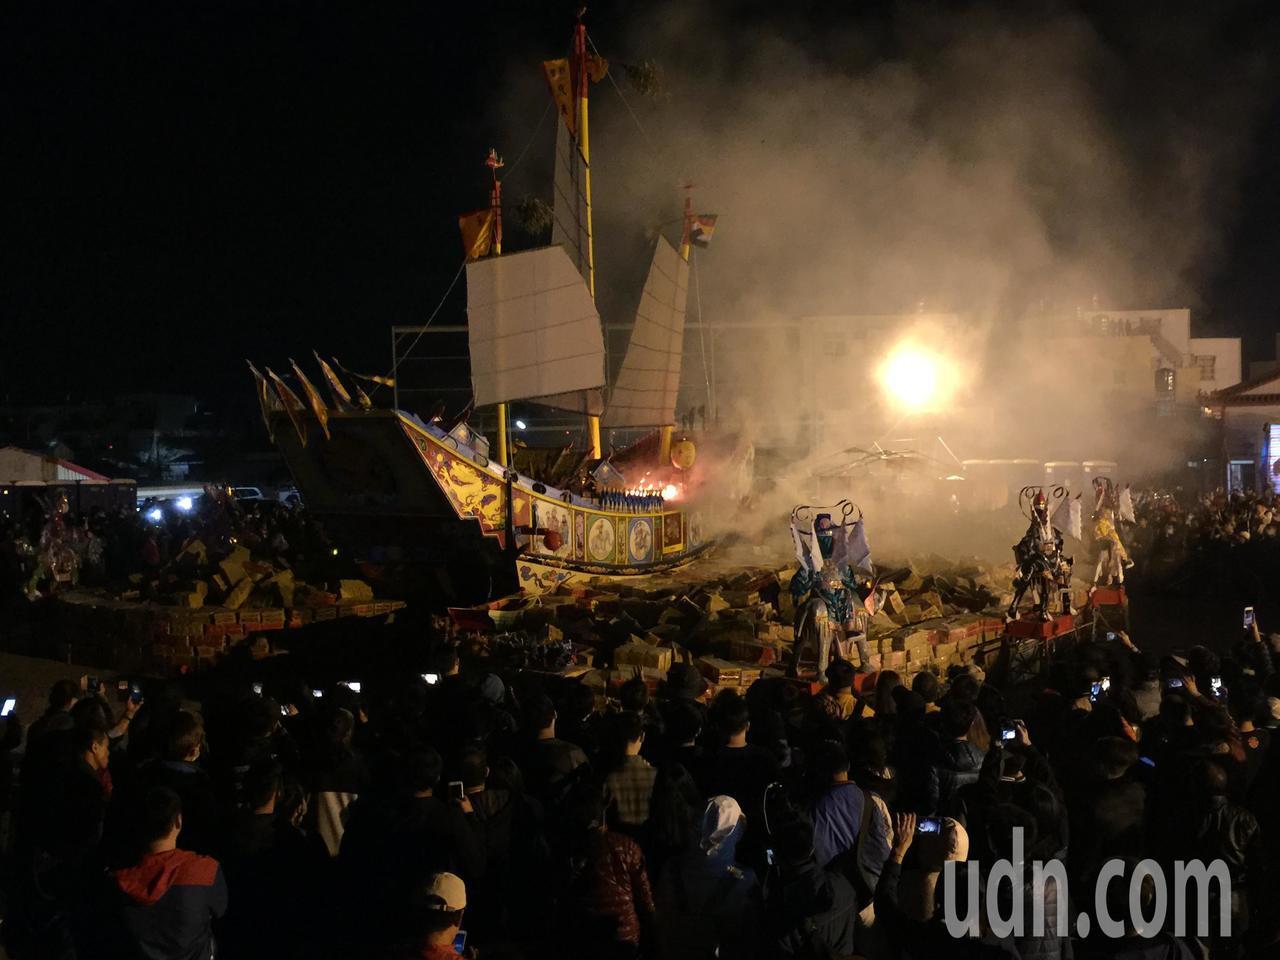 凌晨2點40分開始燒王船。記者吳政修/攝影